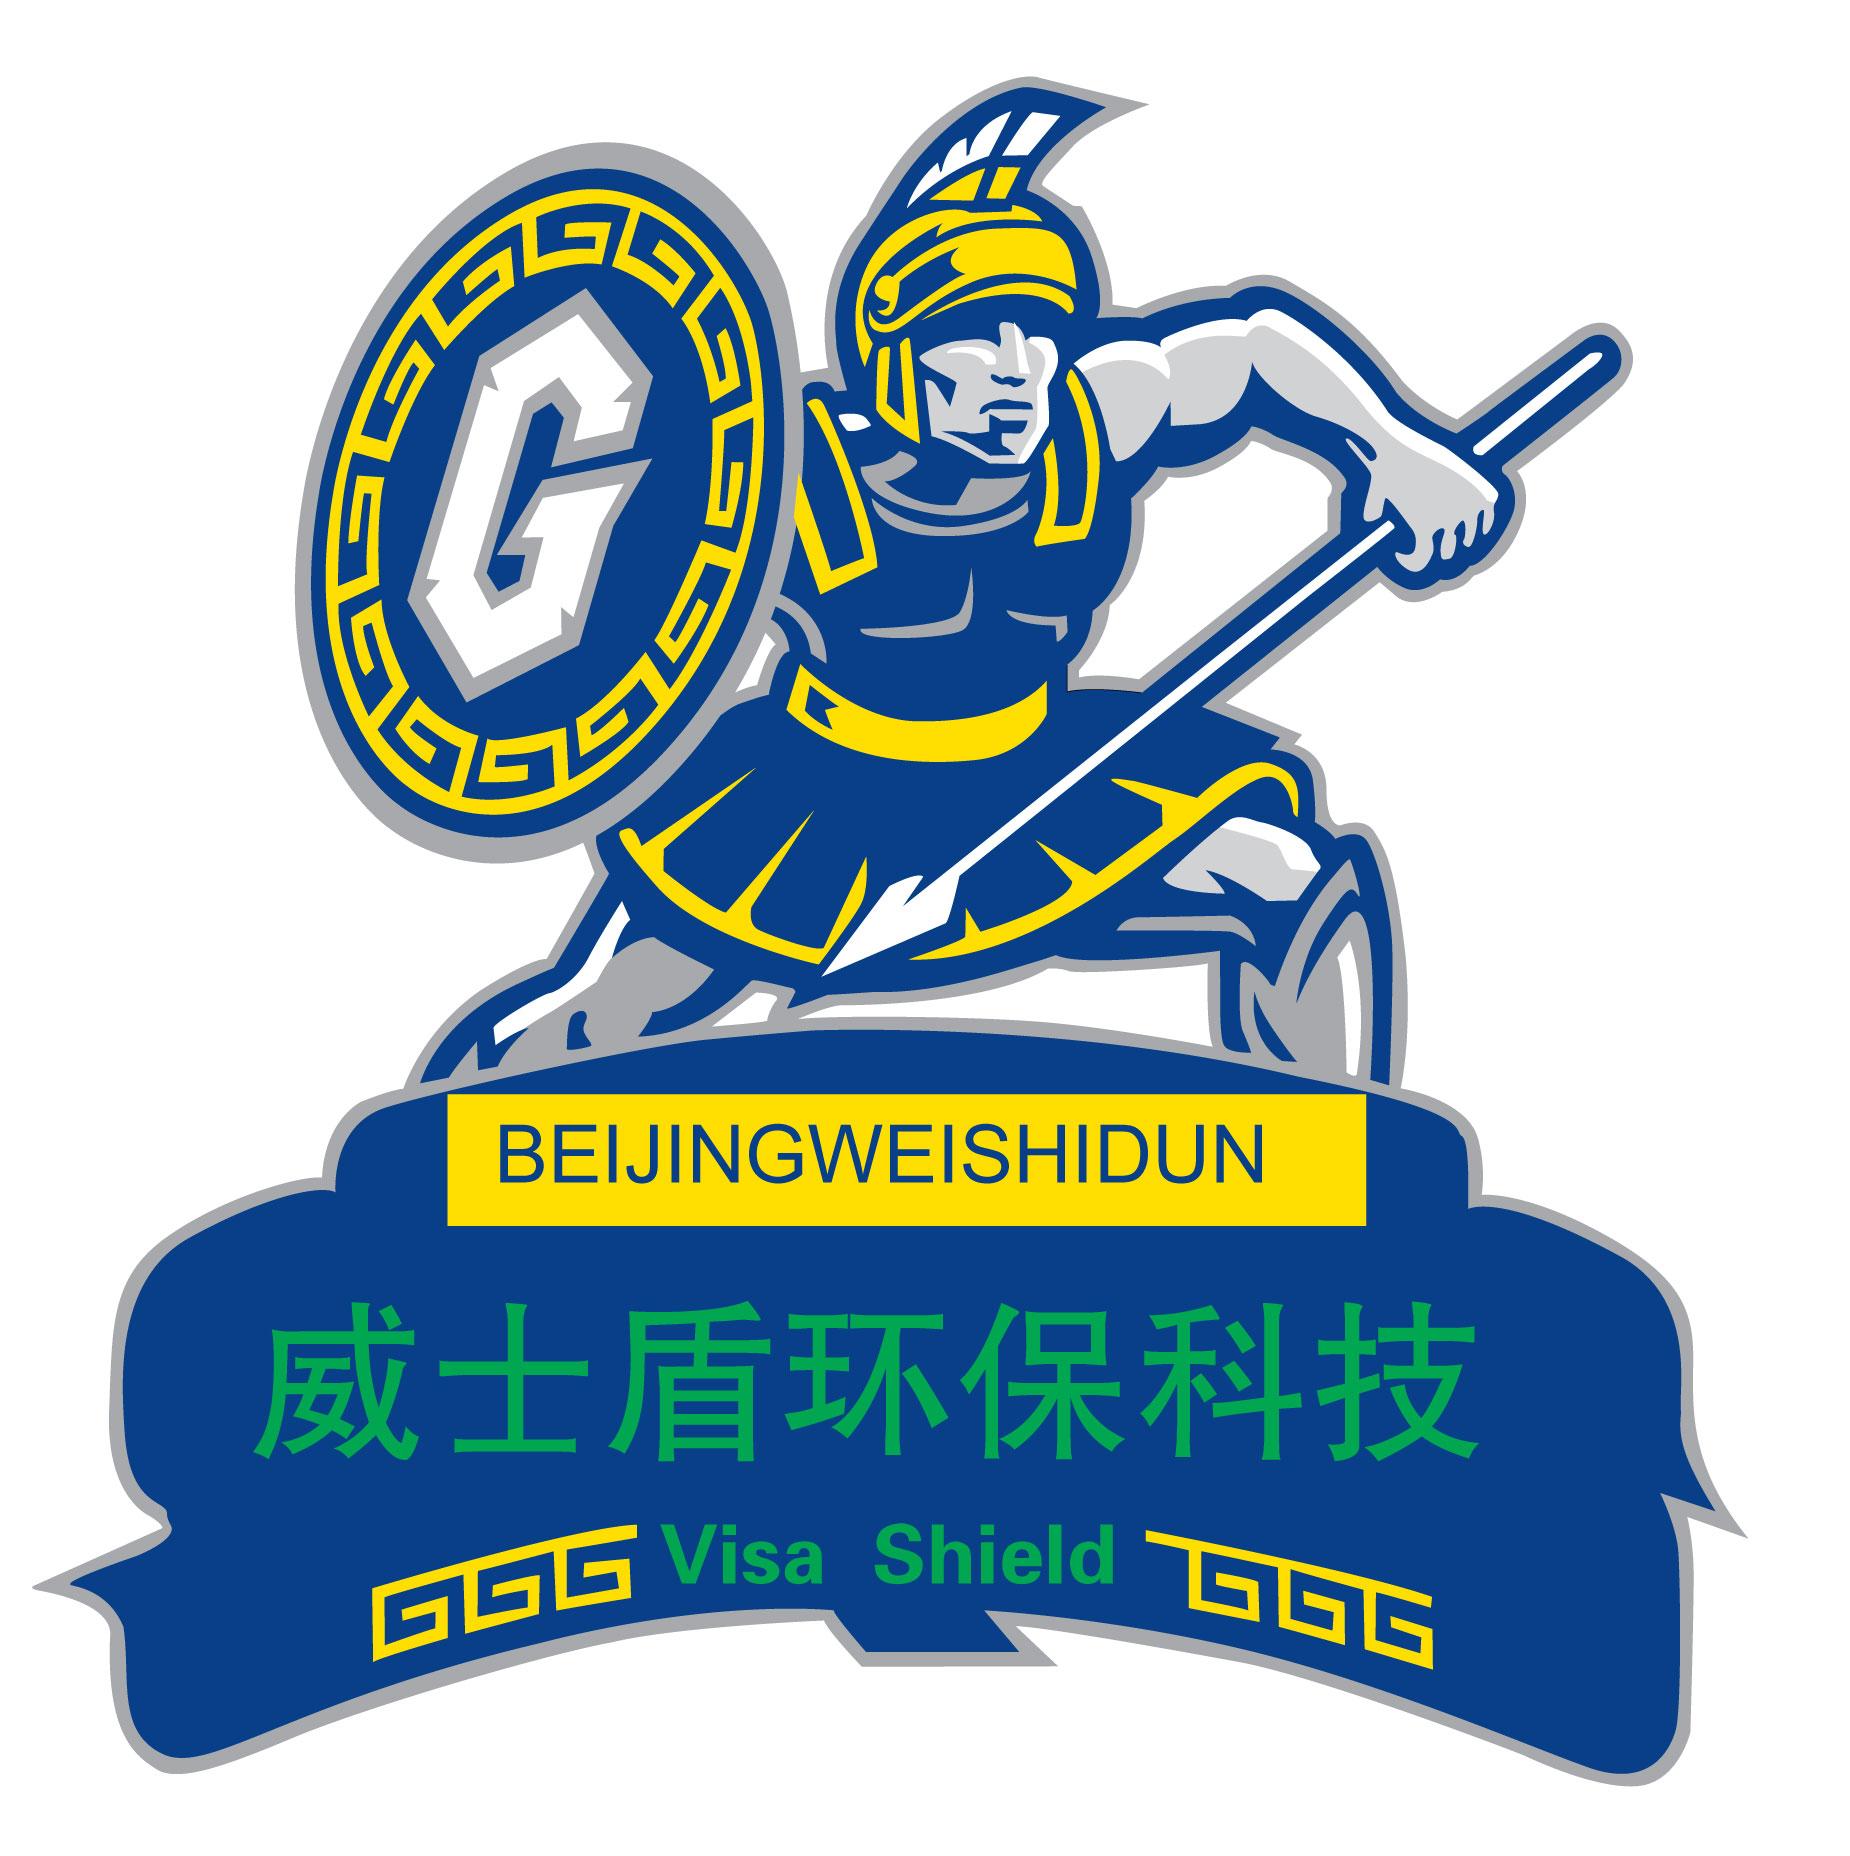 中国玻璃网 中国玻璃企业名录 北京威士盾节能环保科技有限公司